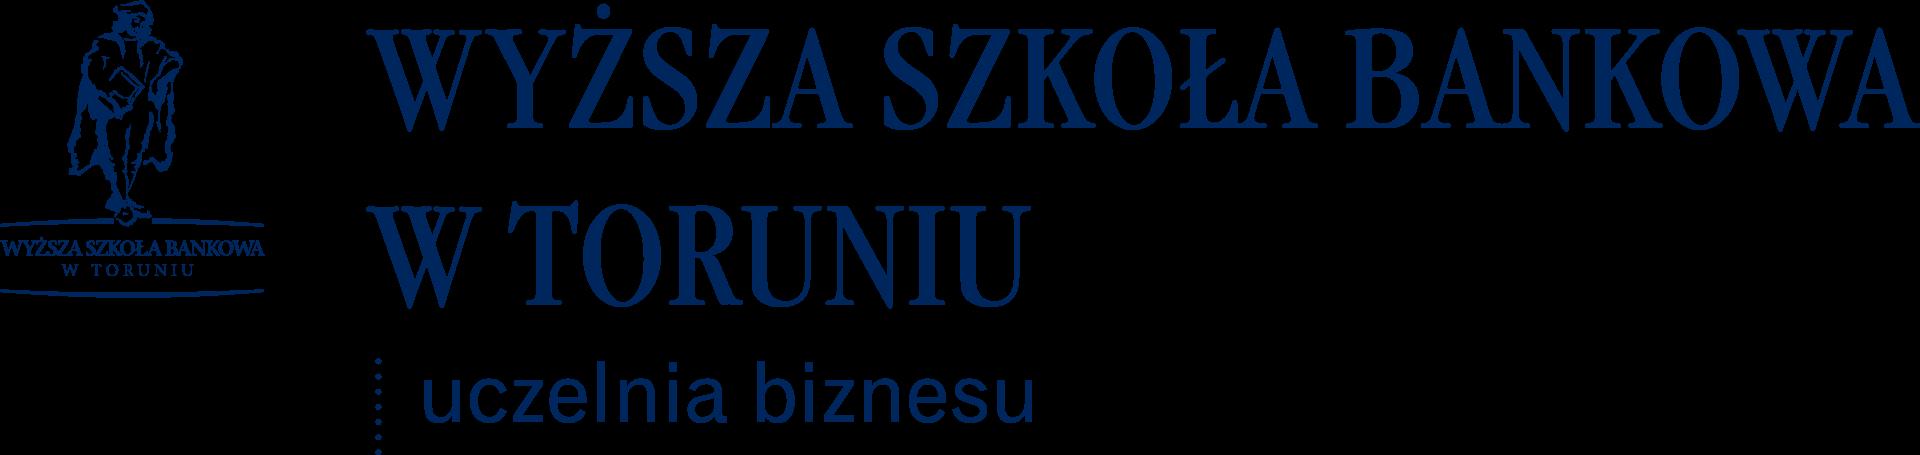 Wyższa Szkoła Bankowa w Toruniu